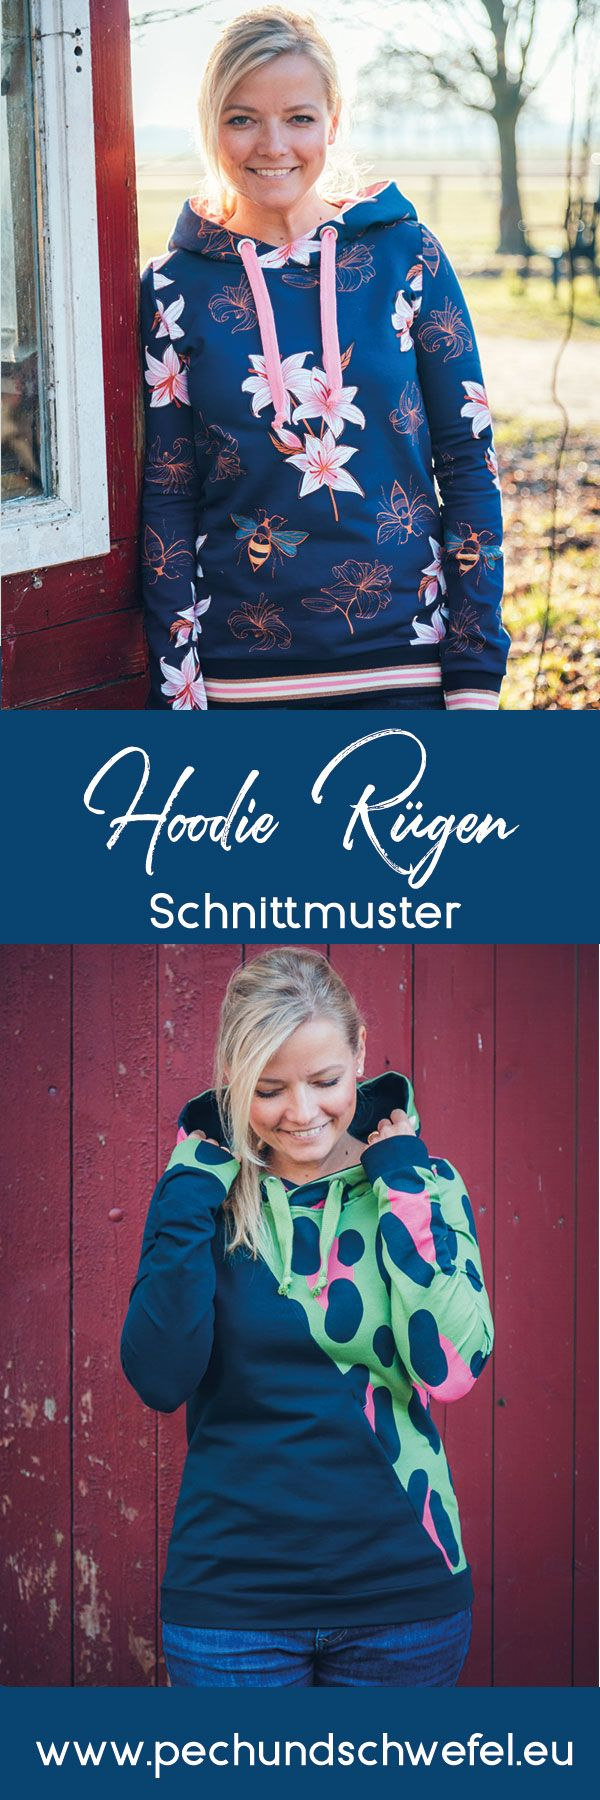 E-book Hoodie Rügen mit und ohne Teilungsnaht Schnittmuster